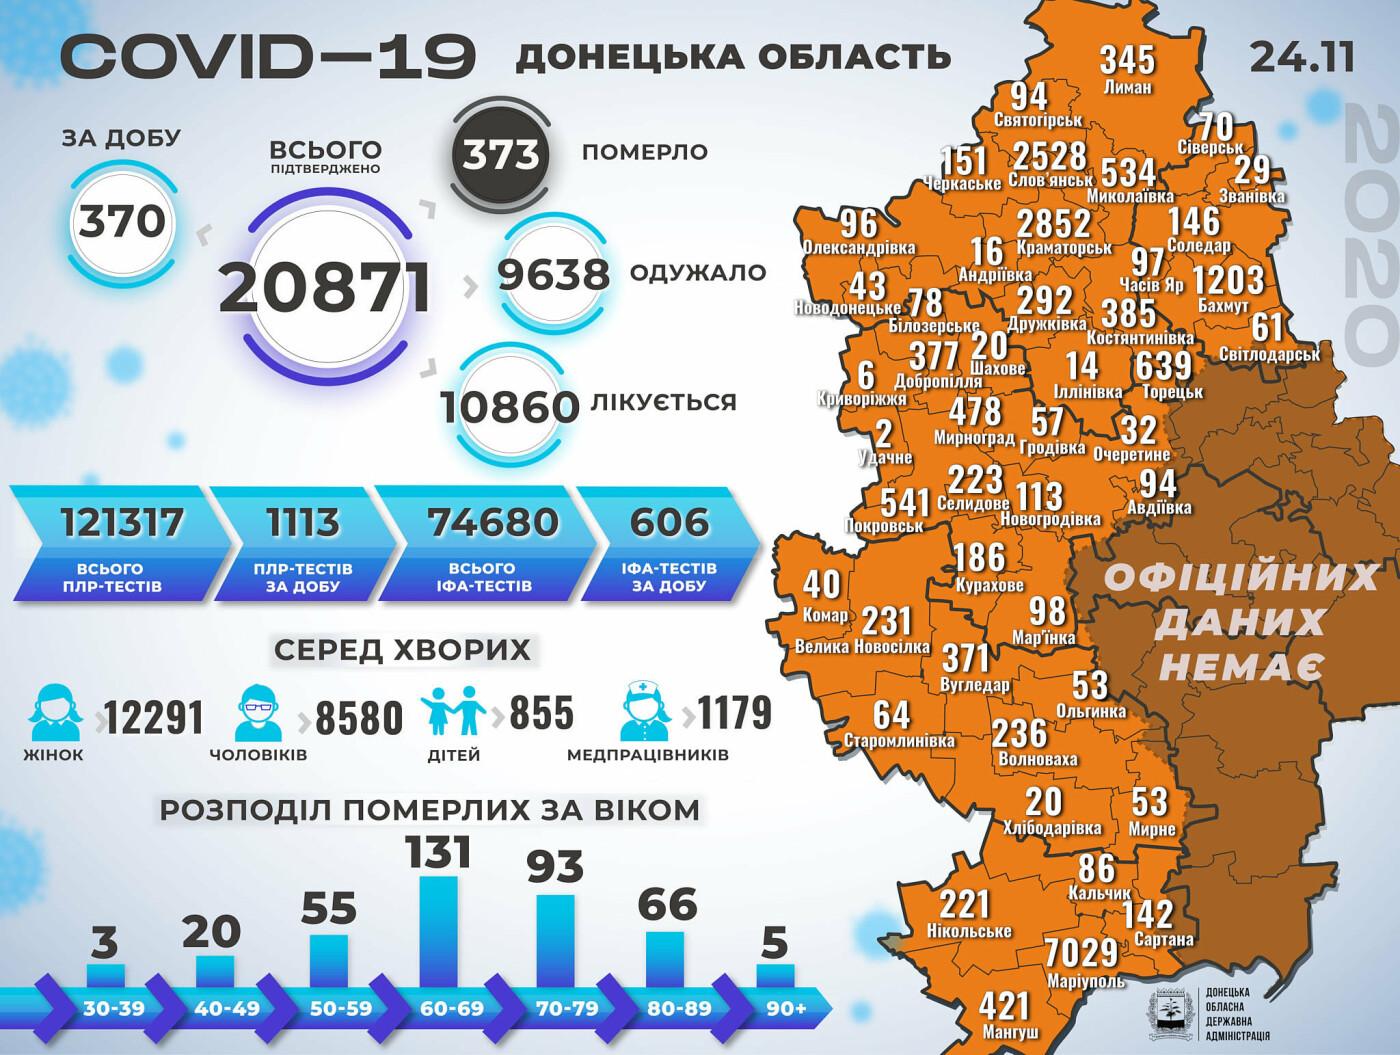 В Донецкой области коронавирус унес жизни 16 человек, 370 новых случаев, фото-1